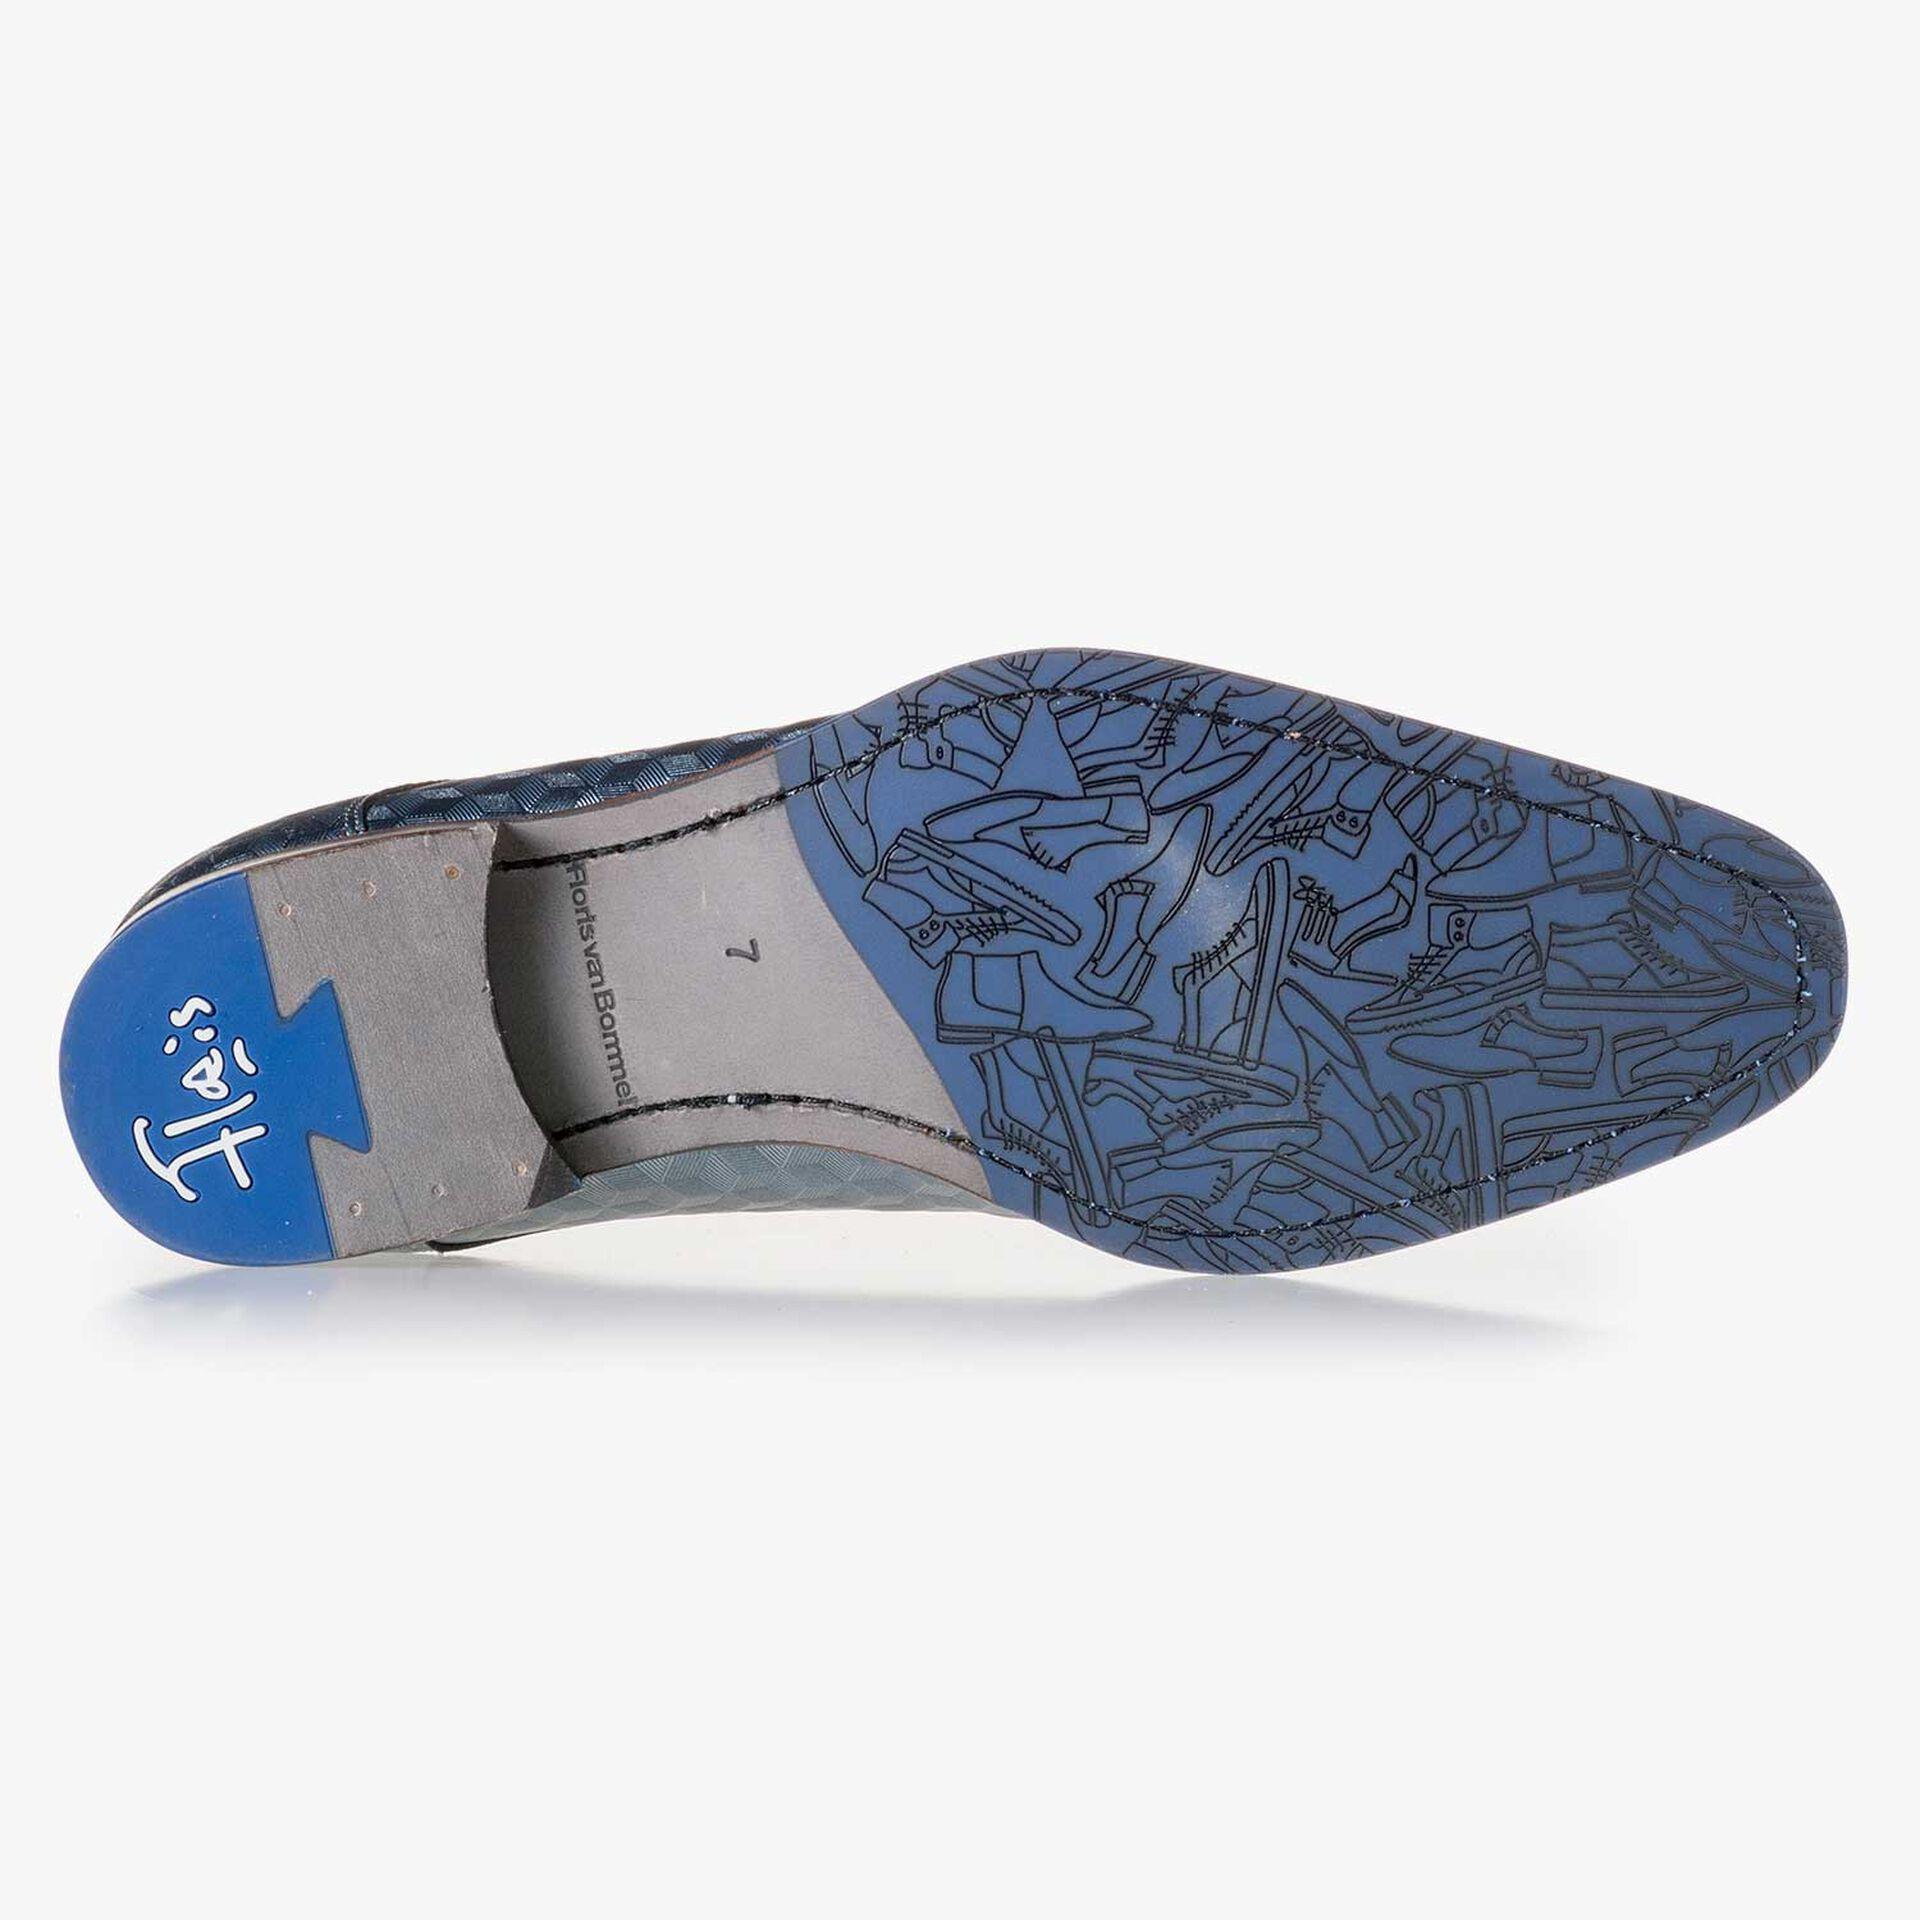 Grauer Leder Schnürschuh mit Hexagonprint